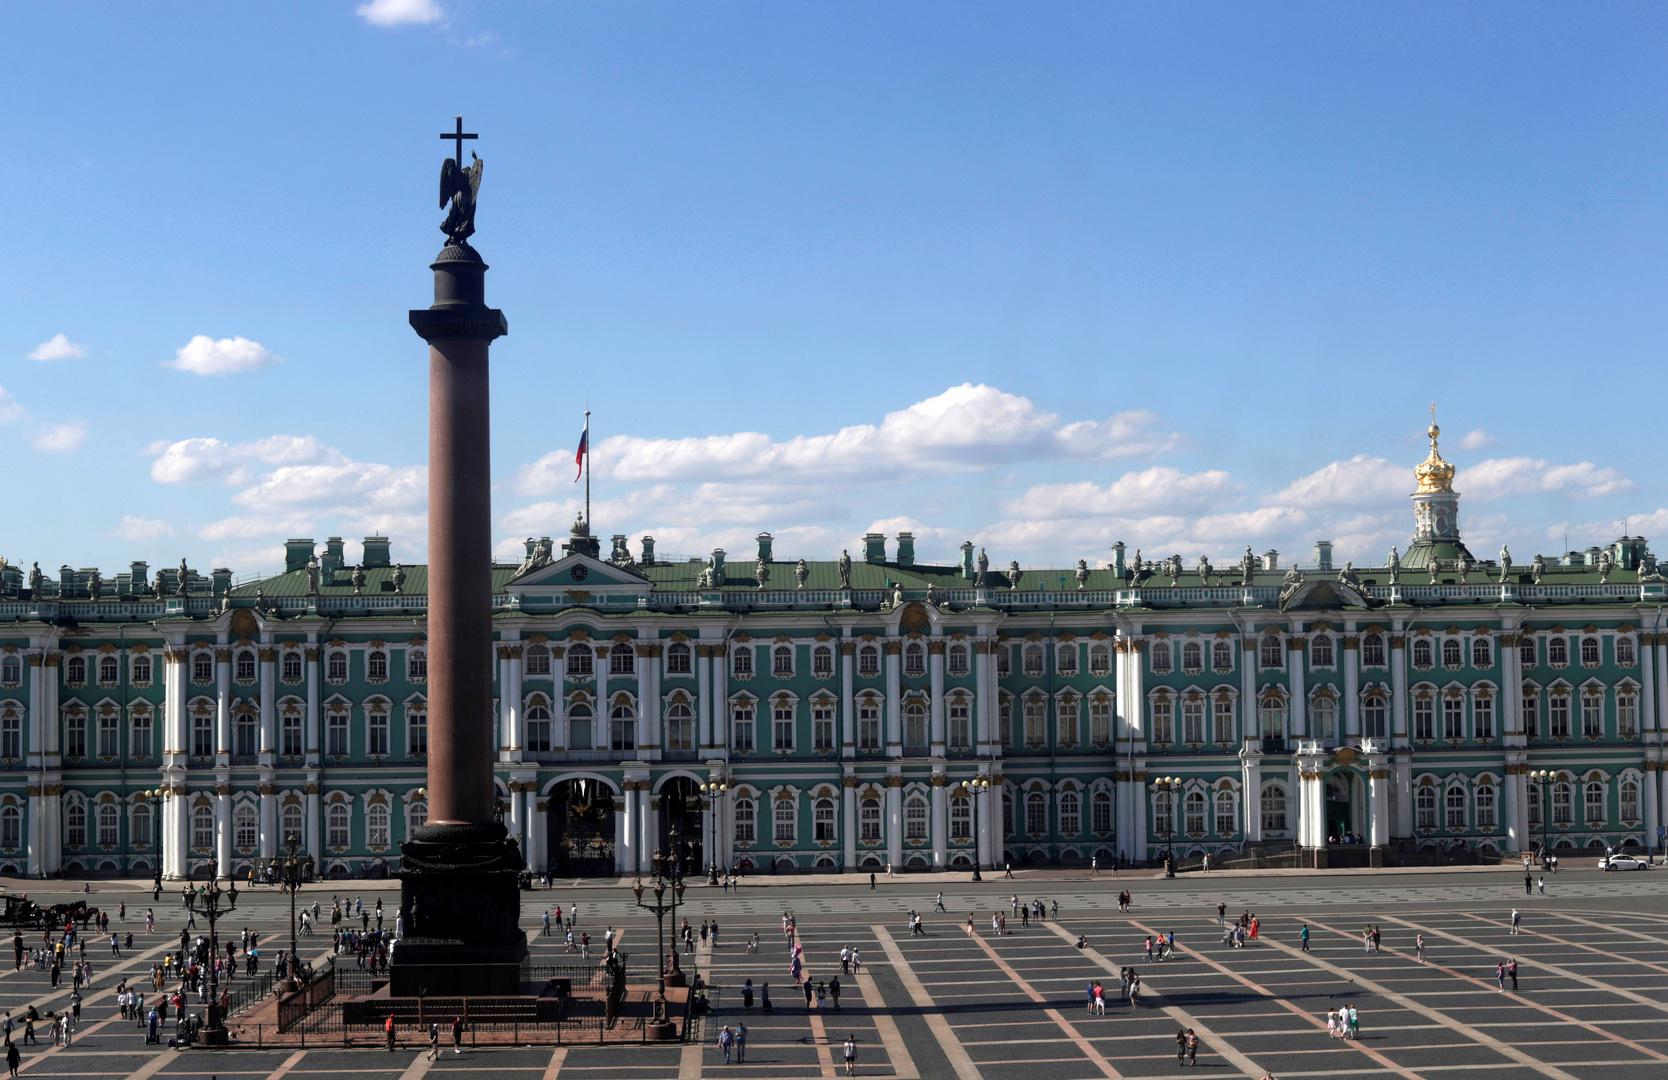 سلطات سان بطرسبورغ الروسية تعلن فرض نظام الحجر الذاتي العام في المدينة ضمن إجراءات ردع تفشي كورونا